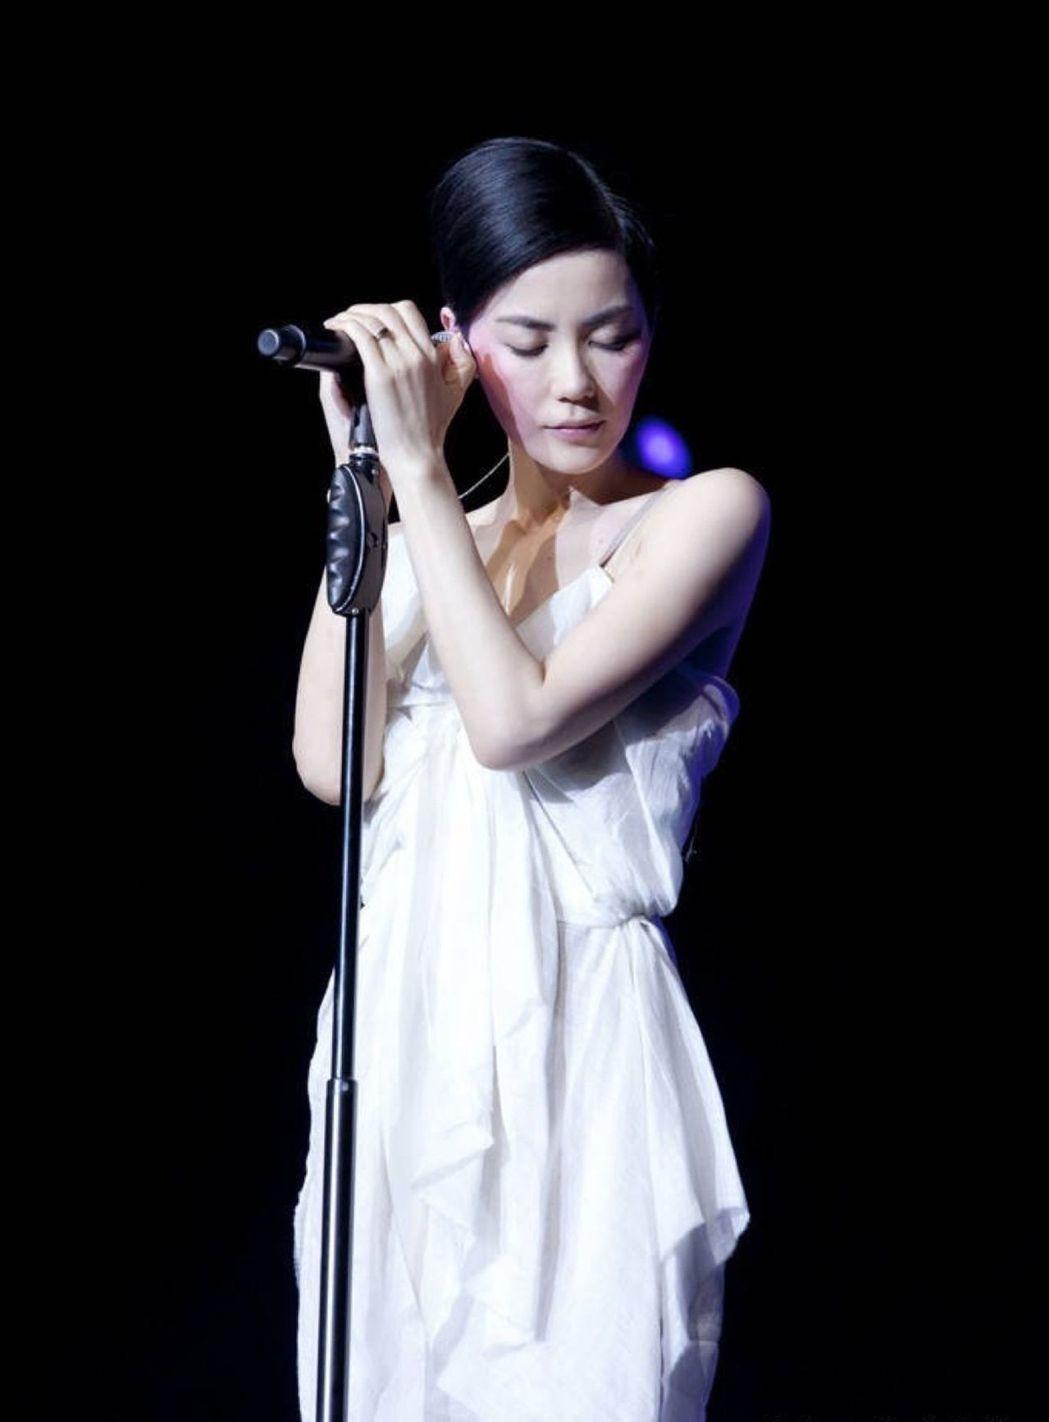 王菲早已是華語歌壇巨星。圖╱摘自豆瓣網